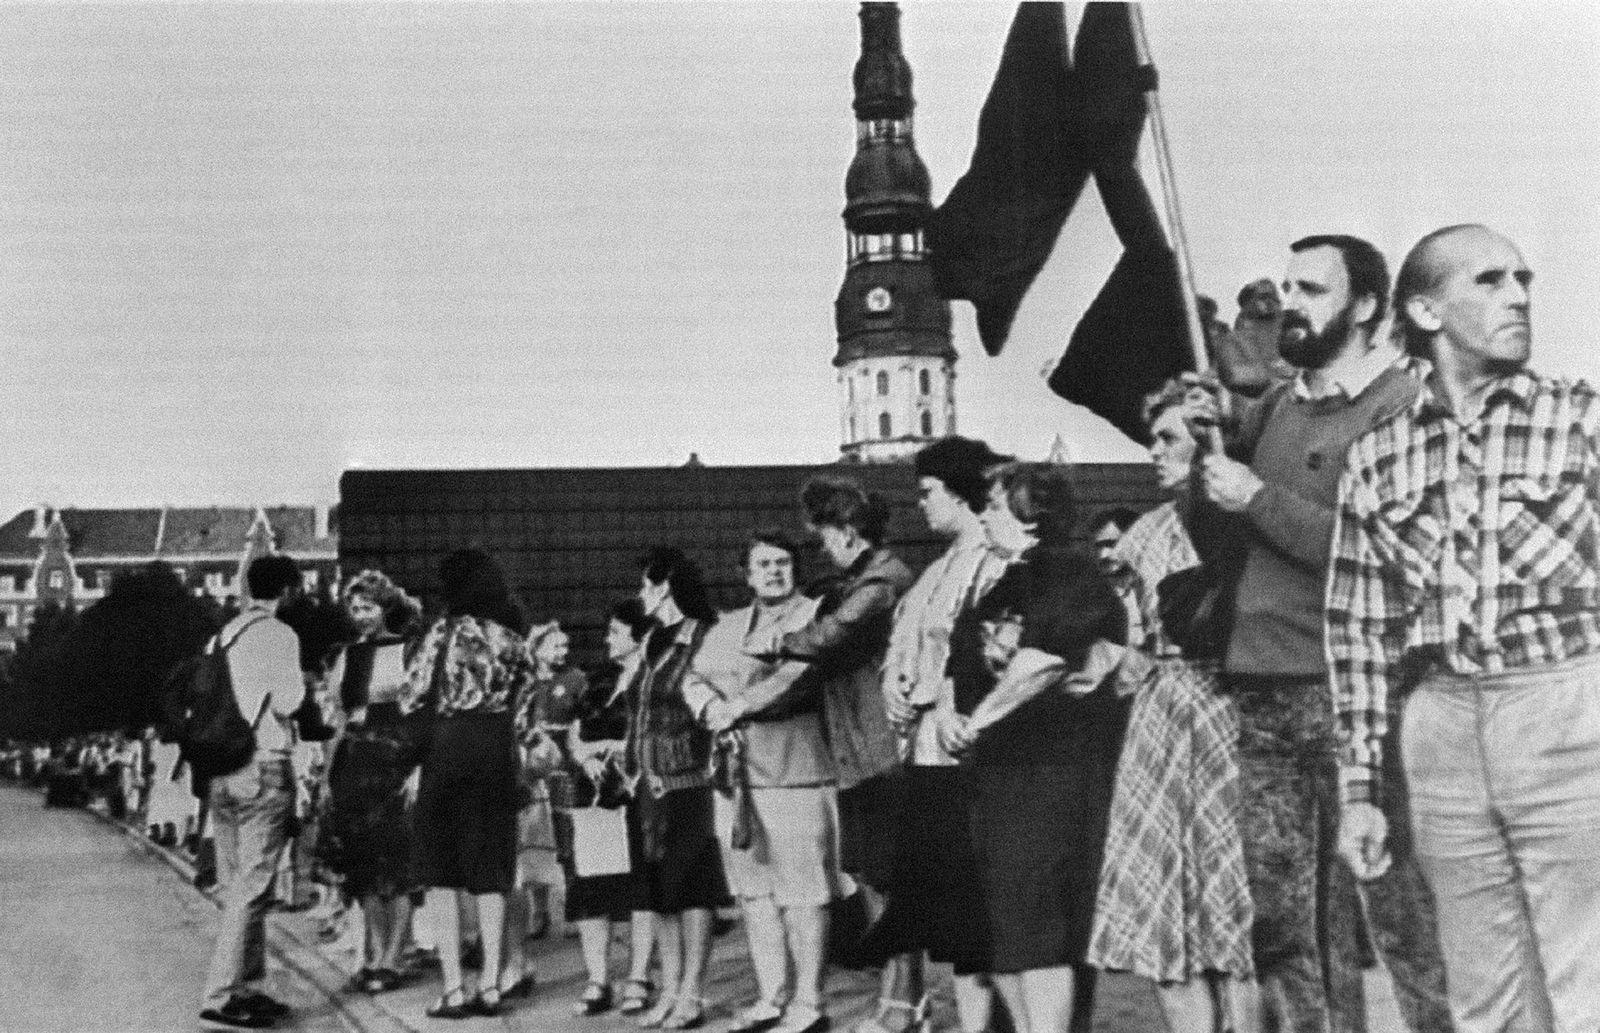 Den menneskelige lenken i 1989 gikk mellom de baltiske hovedstedene Tallinn, Riga og Vilnius.